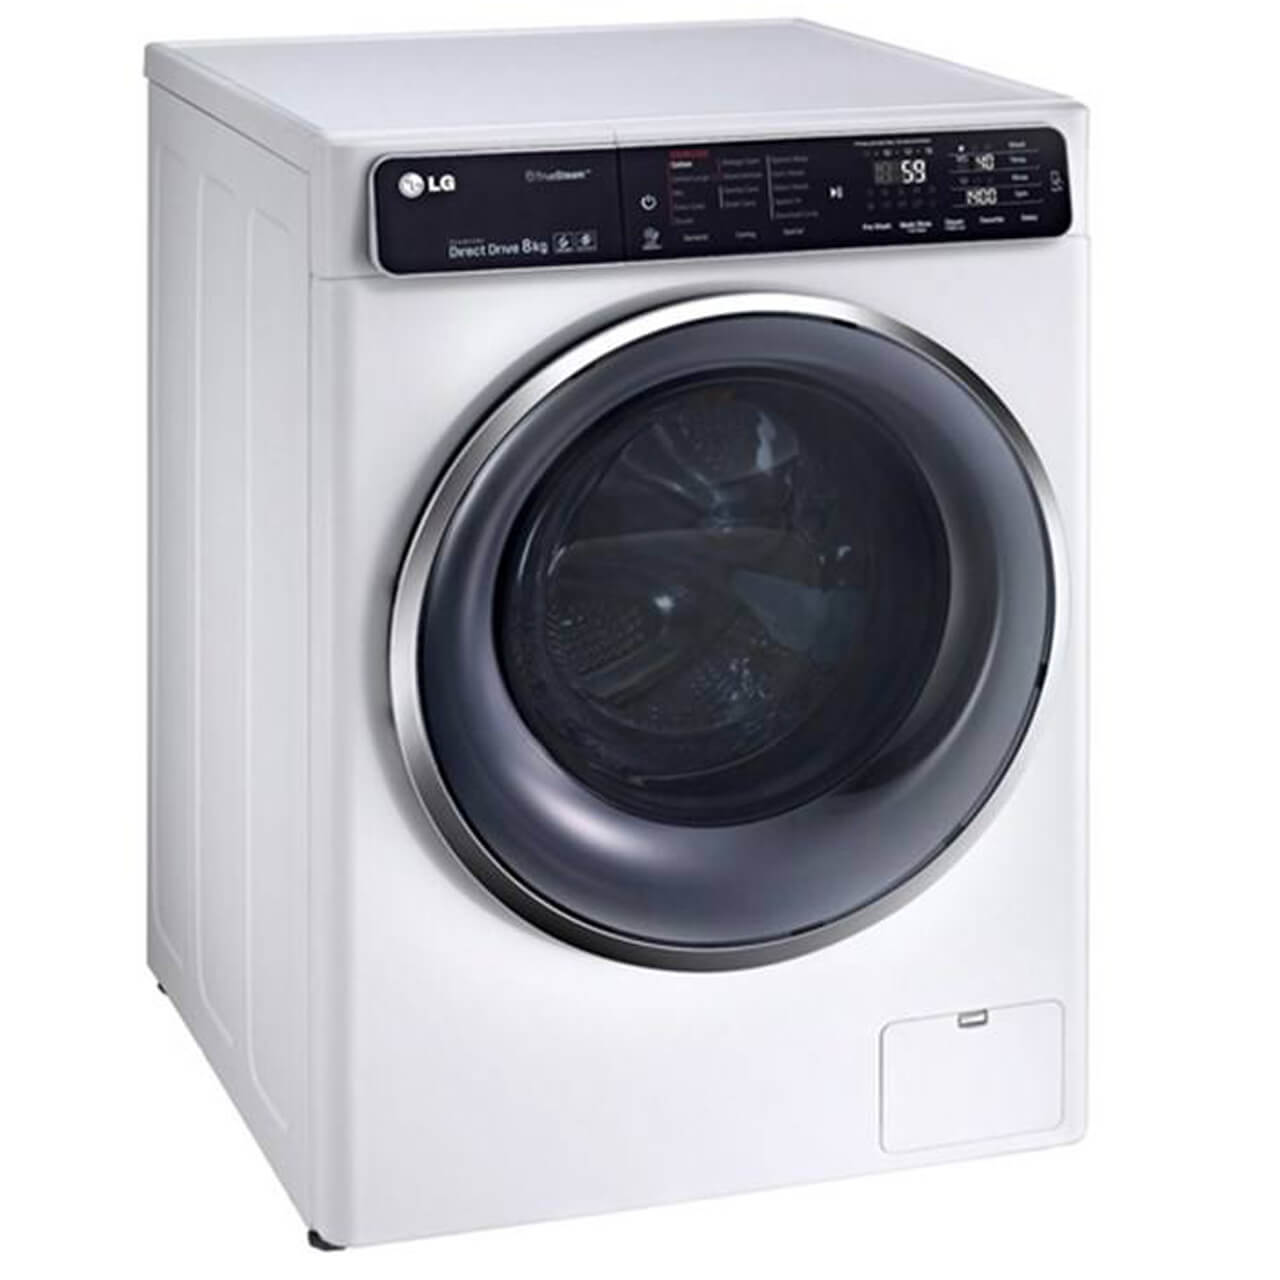 ماشین لباسشویی ۸ کیلویی ال جی مدل WM-L85S |